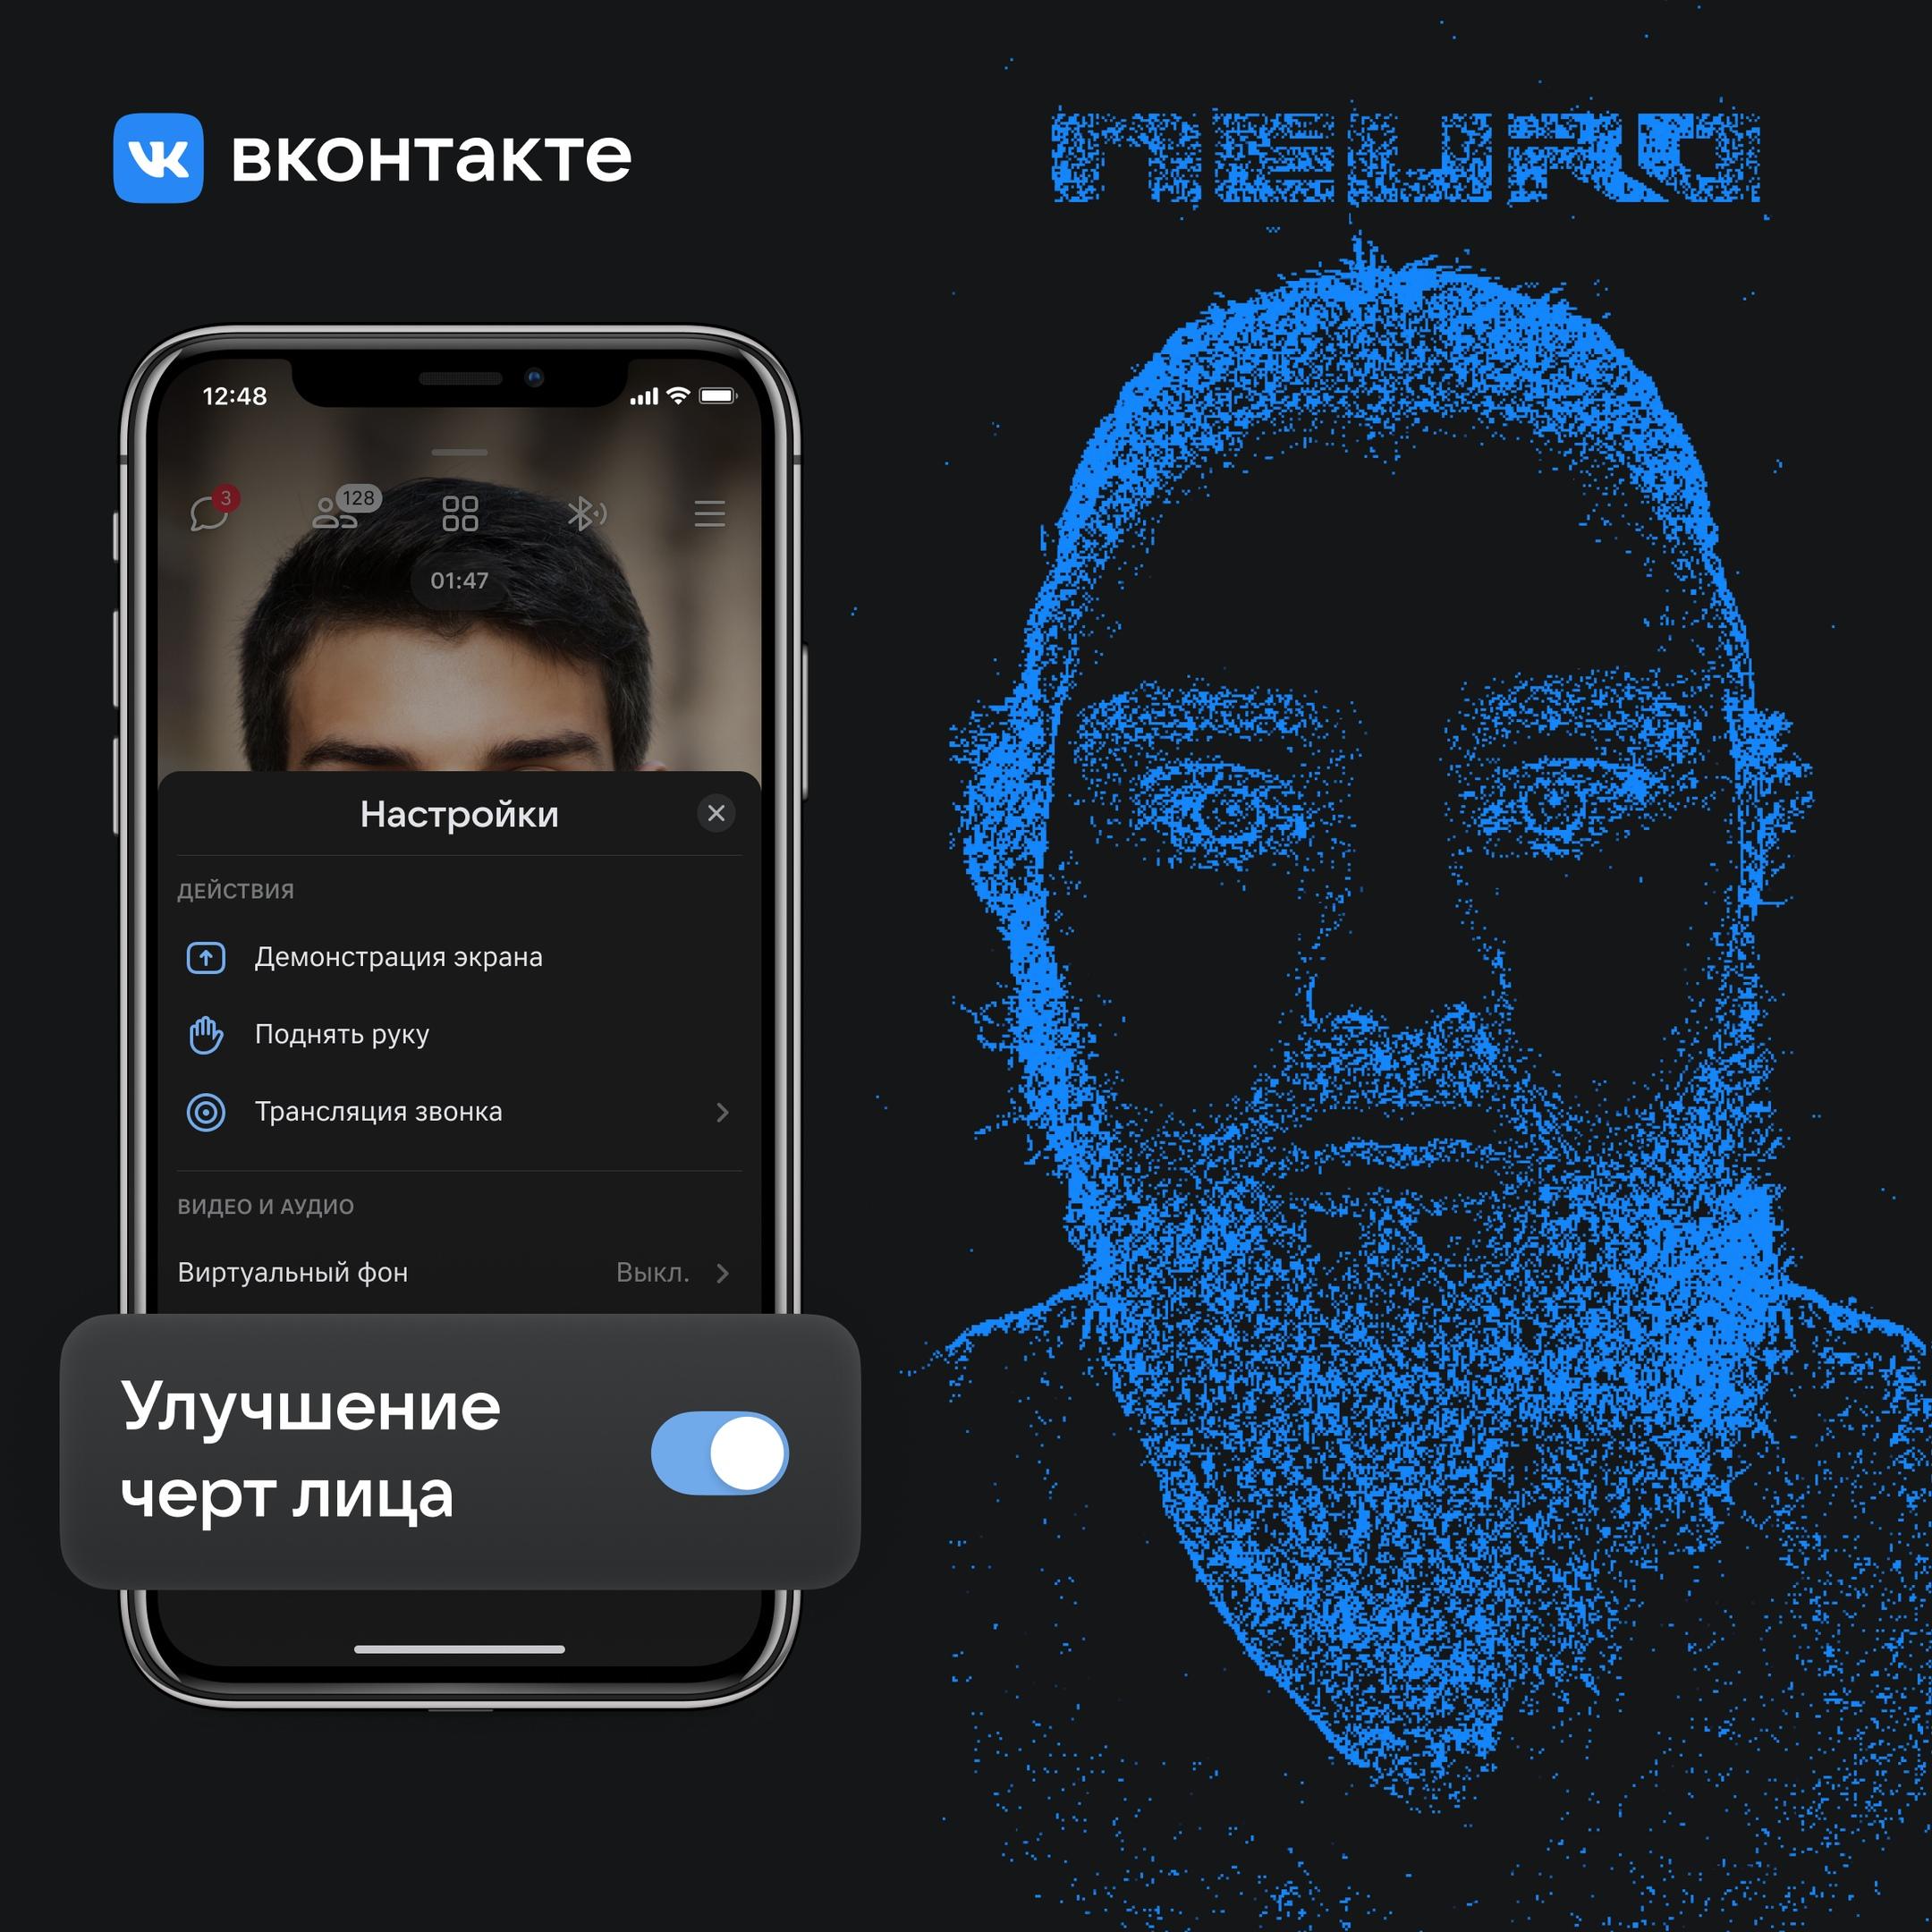 В видеозвонках ВКонтакте появилось «Улучшение черт лица»